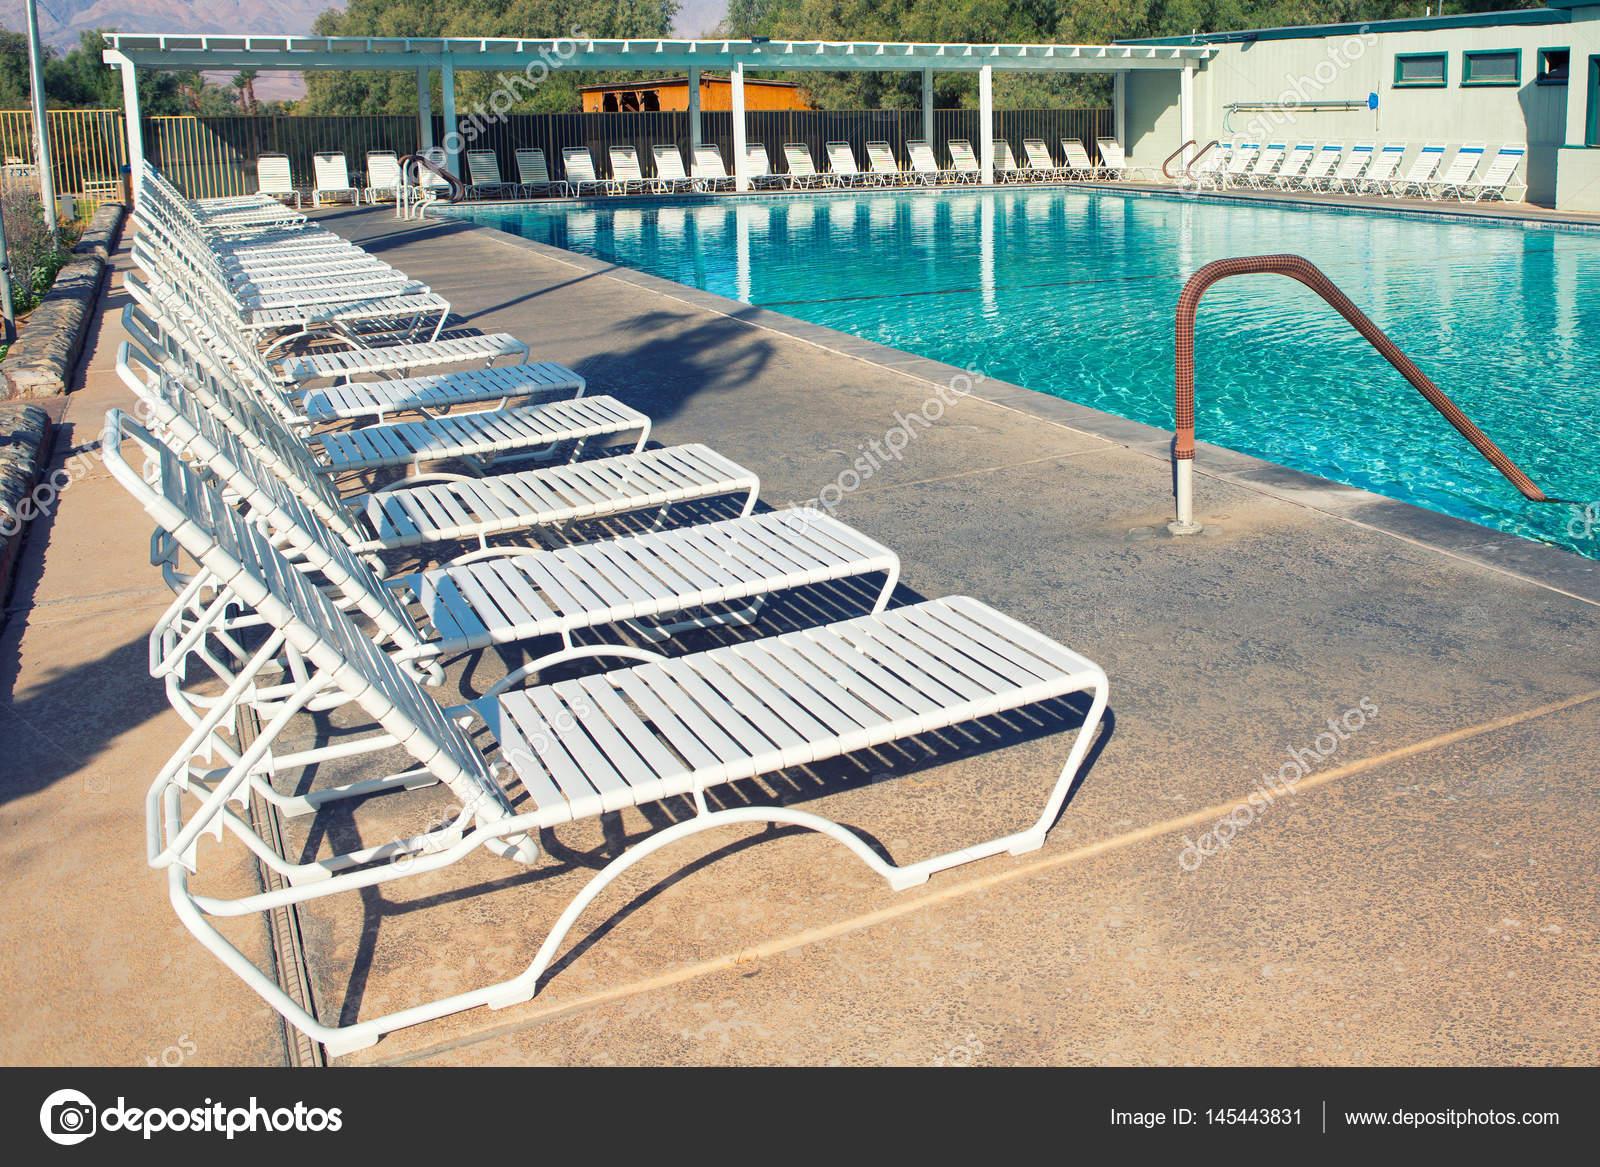 Ligstoelen en zwembad stockfoto bill45 145443831 for Zwembad aanschaffen